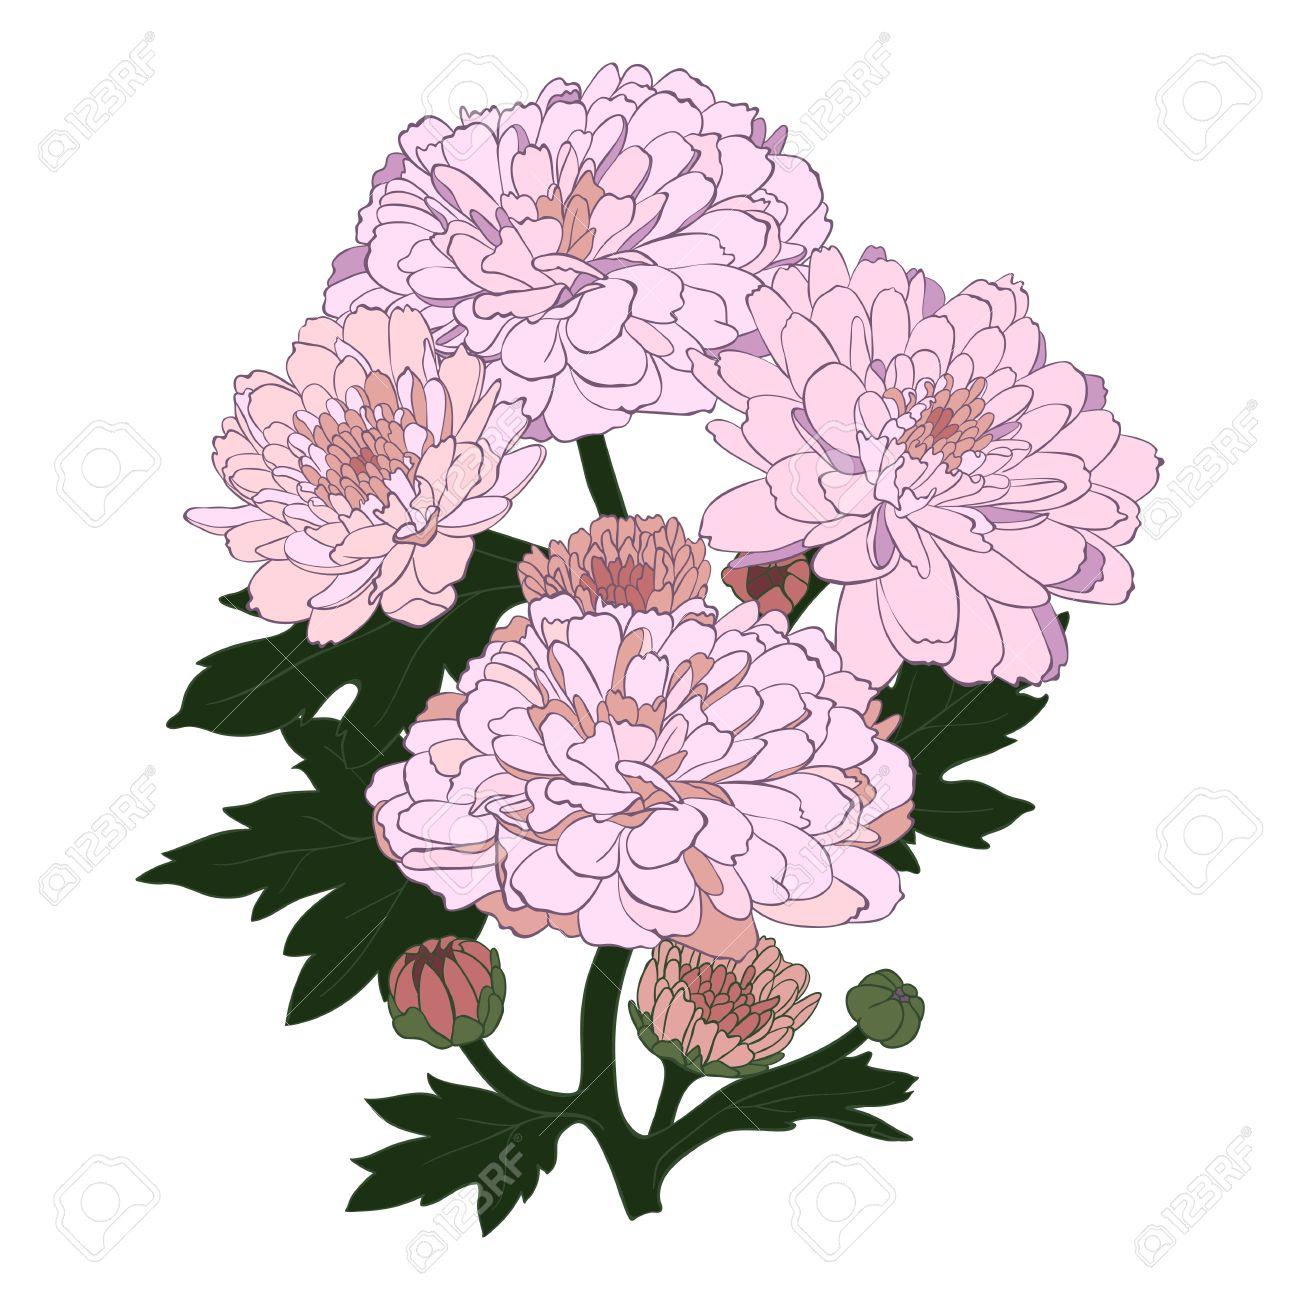 Chrysanthemum Flower In Vintage Engraving Style. Royalty Free.